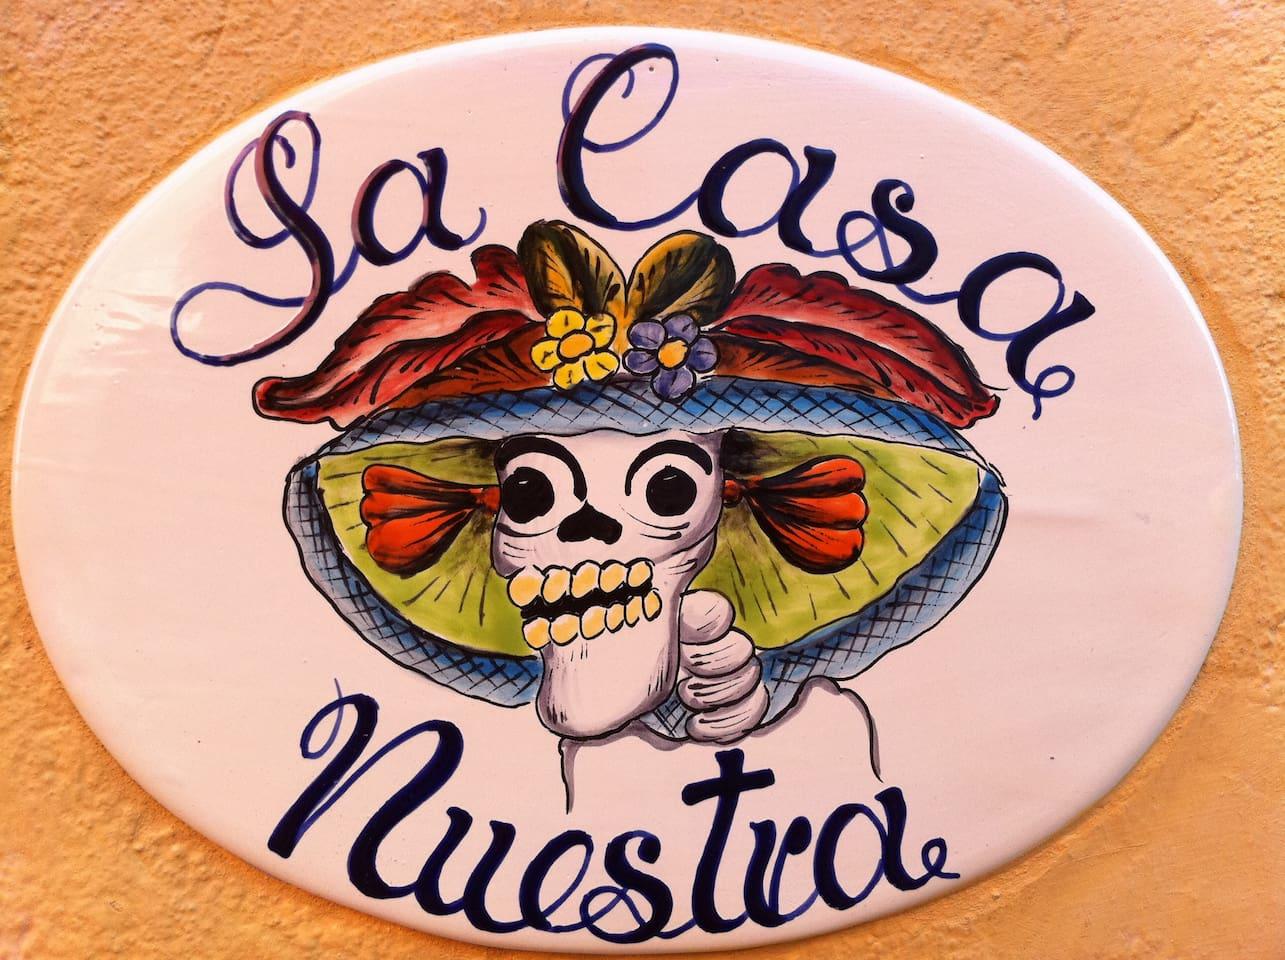 La Casa Nuestra (protected by La Katrina).